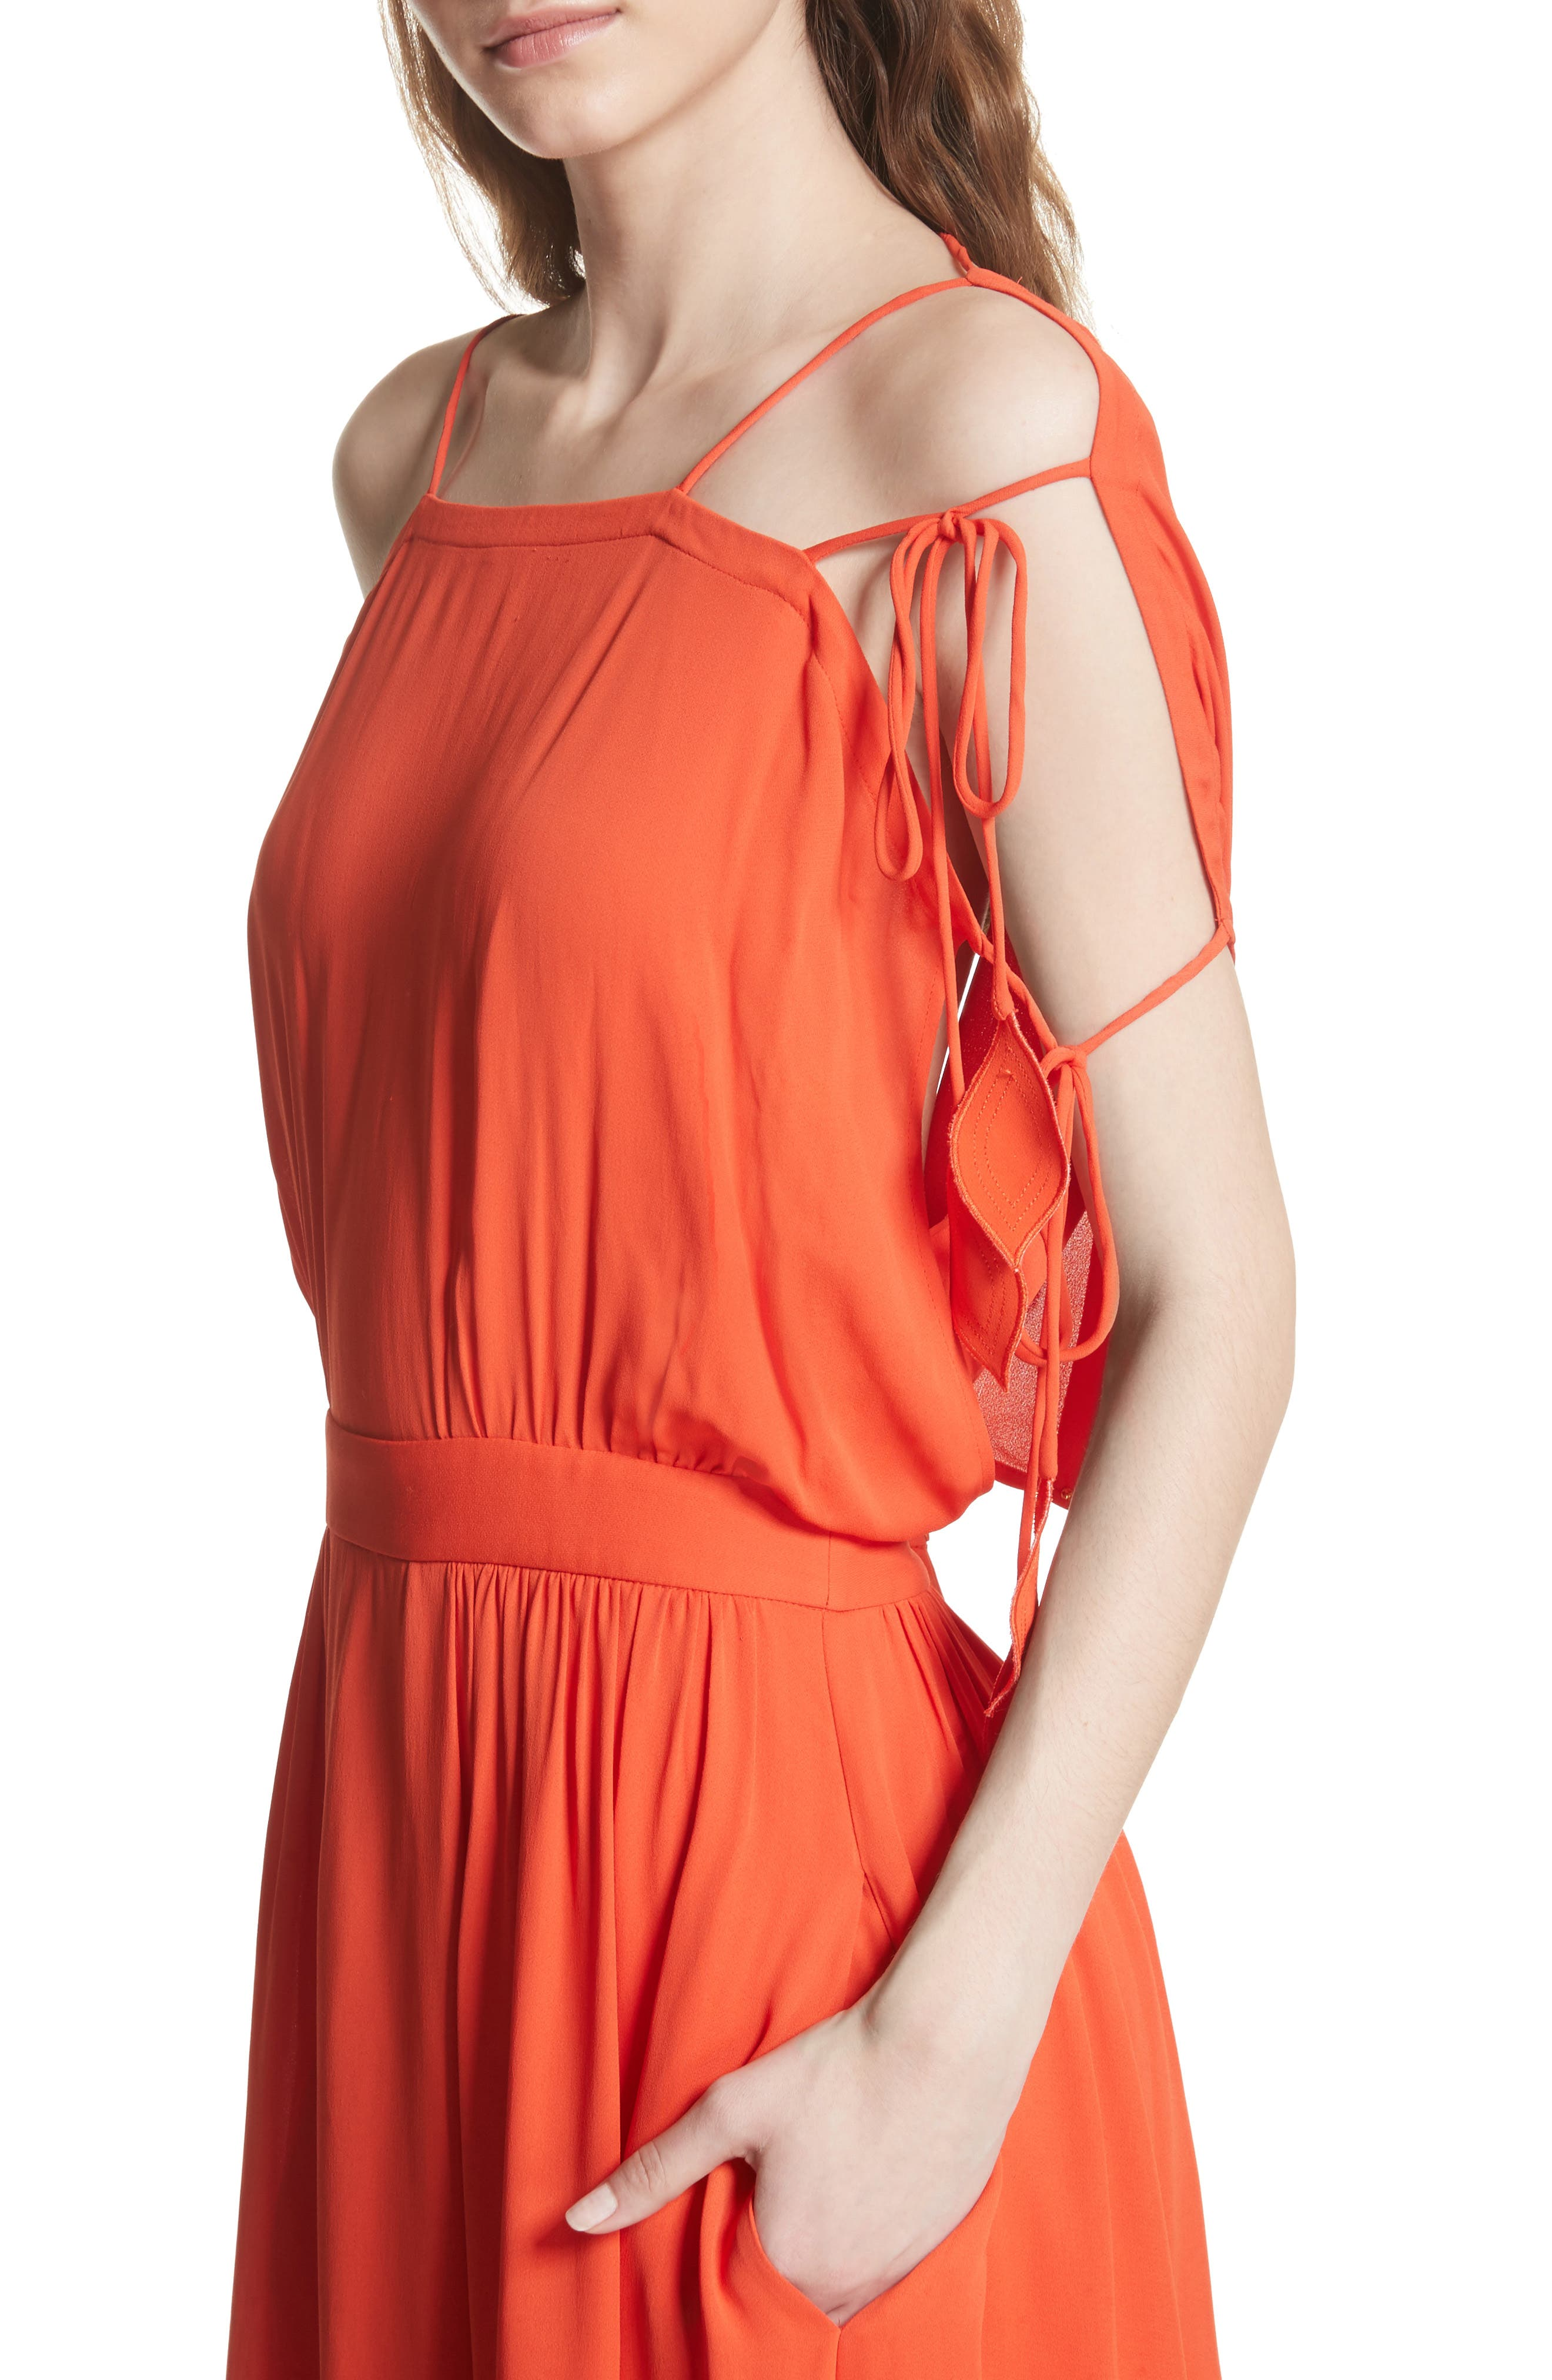 Evalene Maxi Dress,                             Alternate thumbnail 4, color,                             614